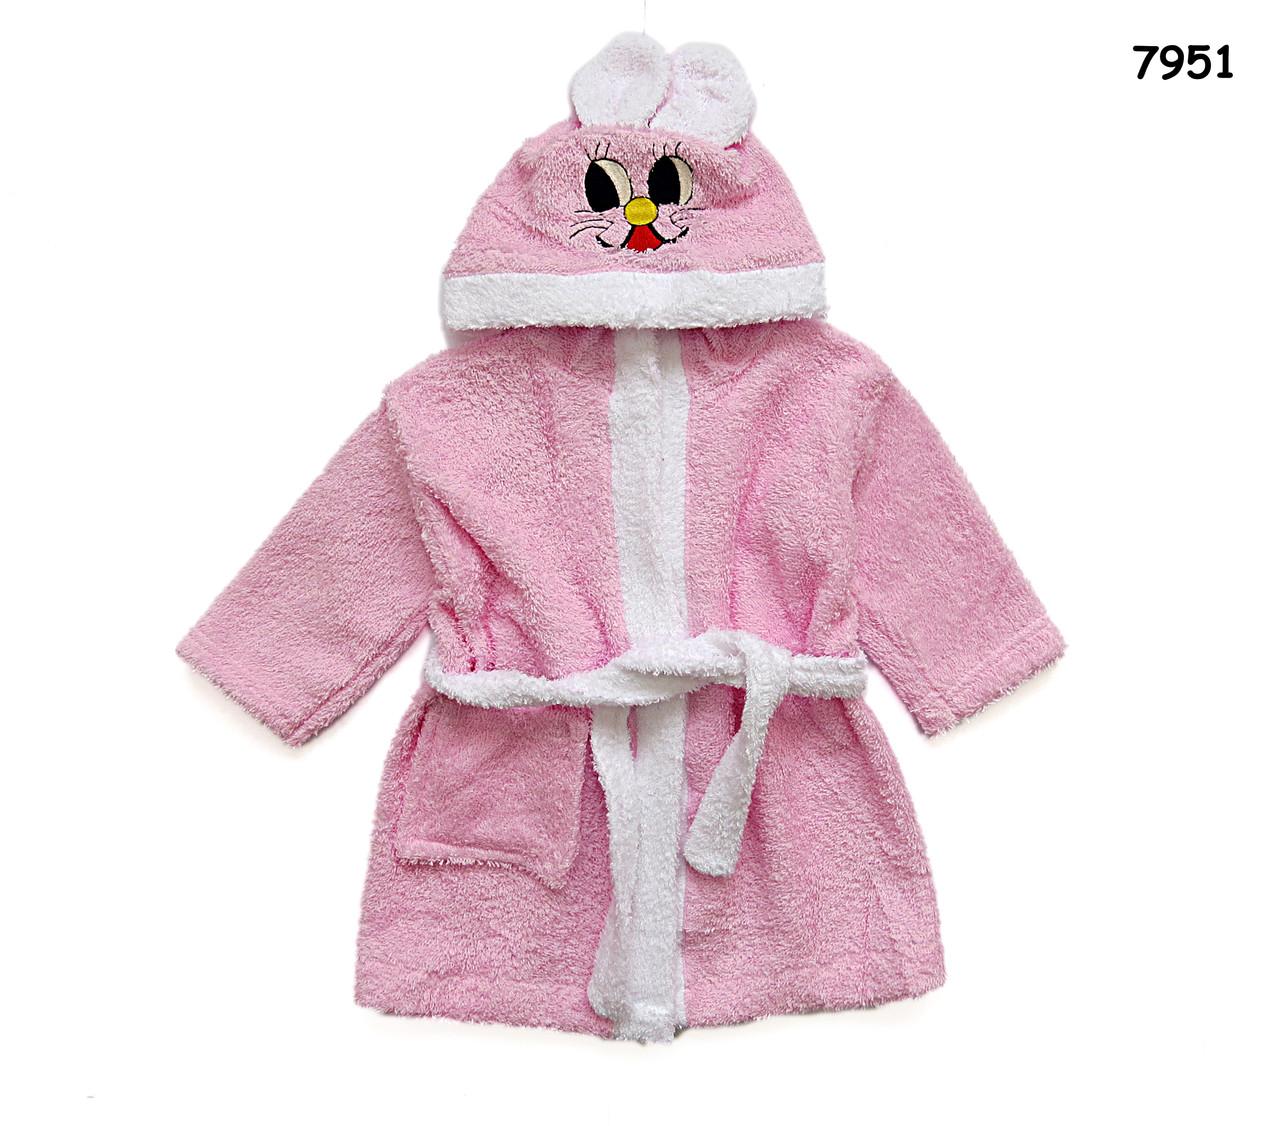 """Халат """"Зайка"""" для девочки. 4 года - Детская одежда и товары """"ZEBRA-STAR"""" в Виннице"""